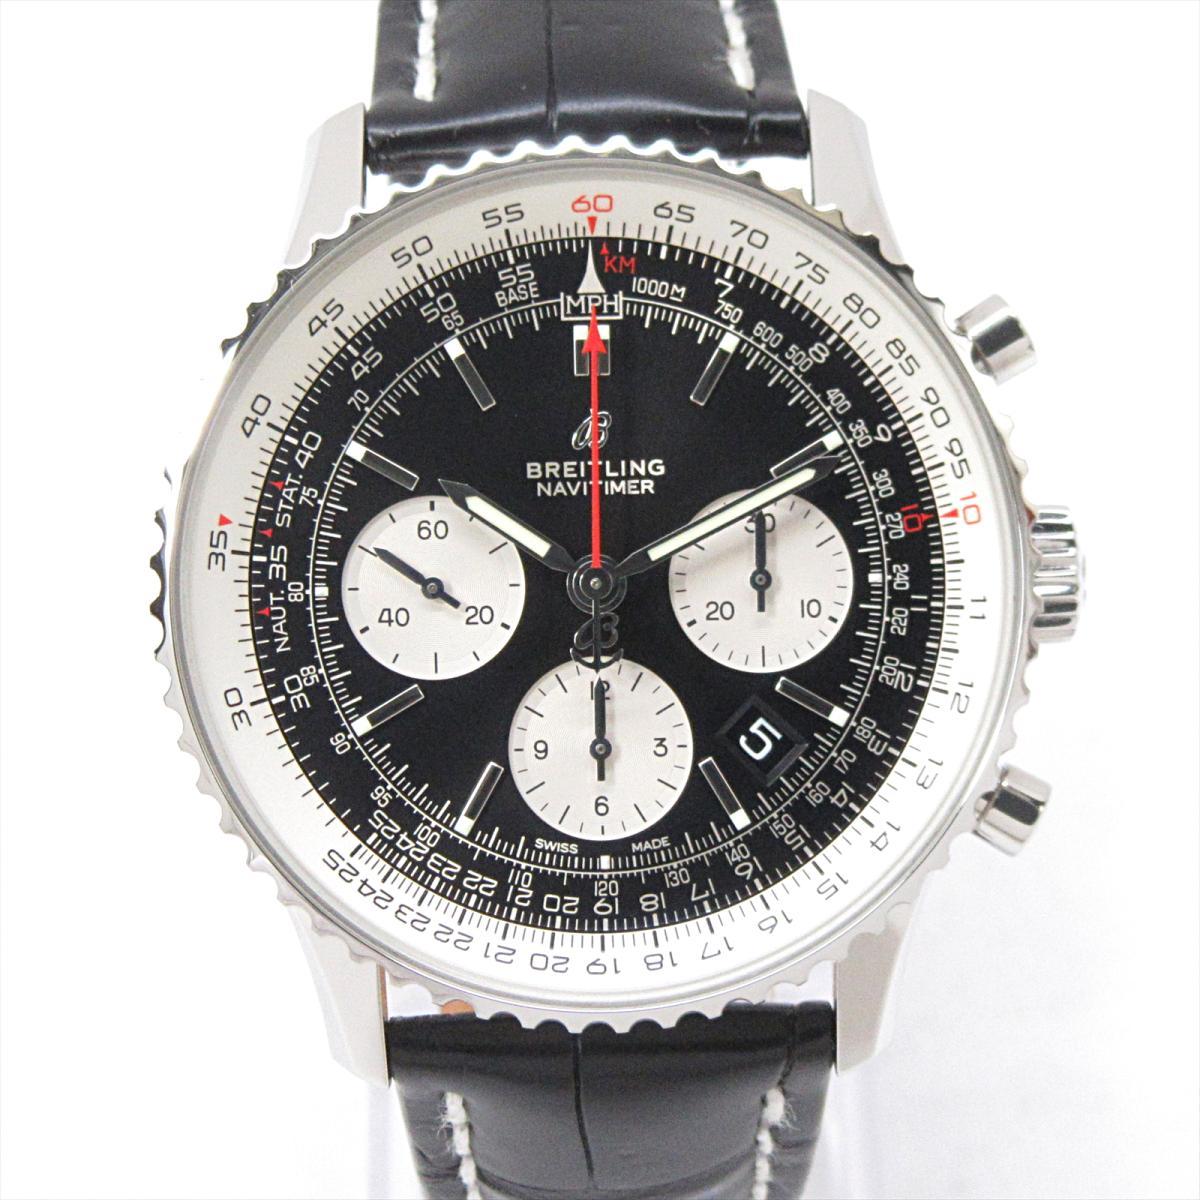 【中古】ブライトリング ナビタイマー1 腕時計 ウォッチ メンズ ステンレススチール (SS) x レザーベルト (クロコ) (AB0121211B1P1) | BREITLING BRANDOFF ブランドオフ ブランド ブランド時計 ブランド腕時計 時計